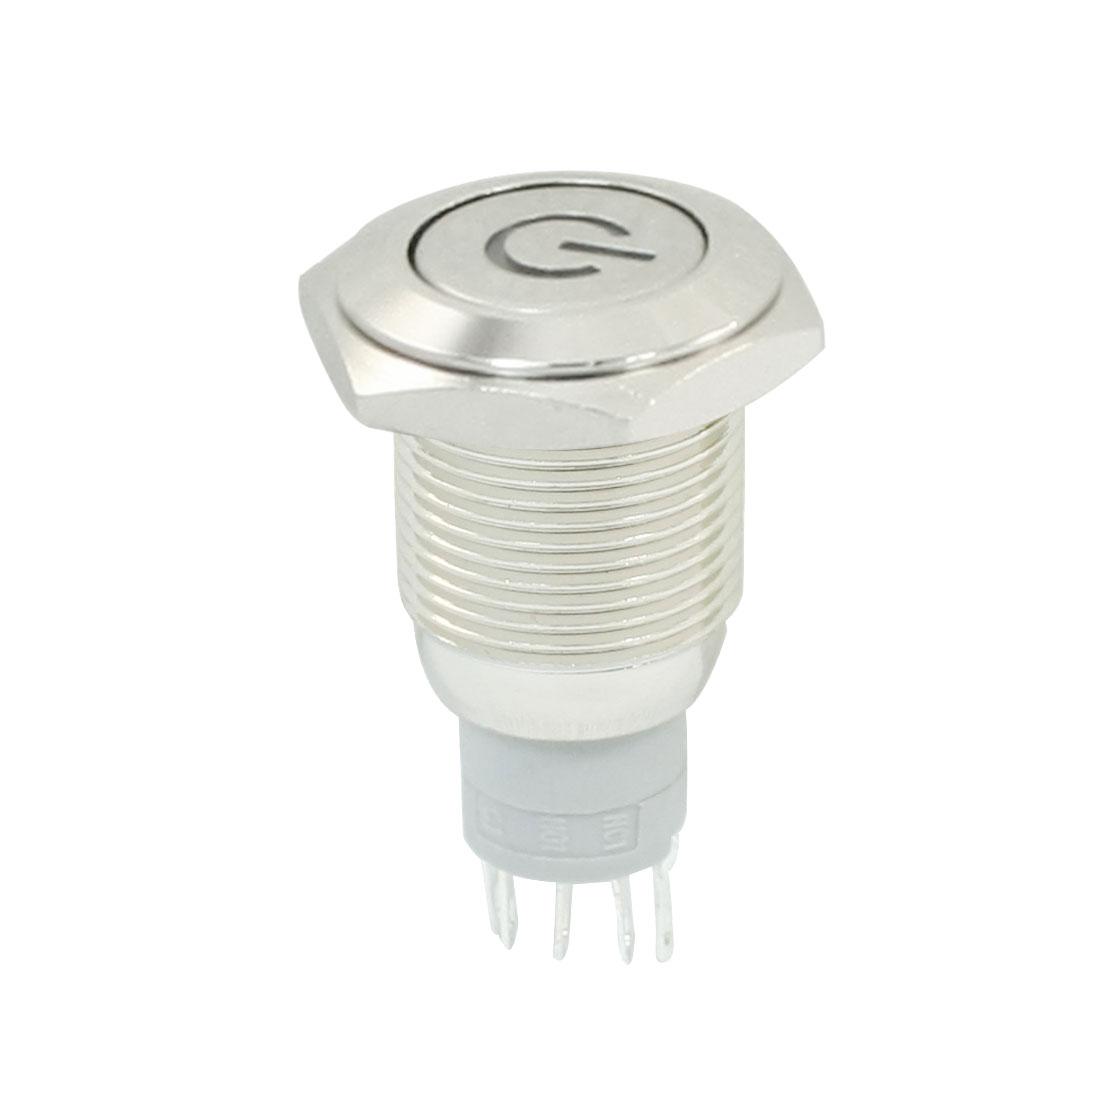 12V Blue LED Light Stainless Steel Momentary Push Button Switch SPDT